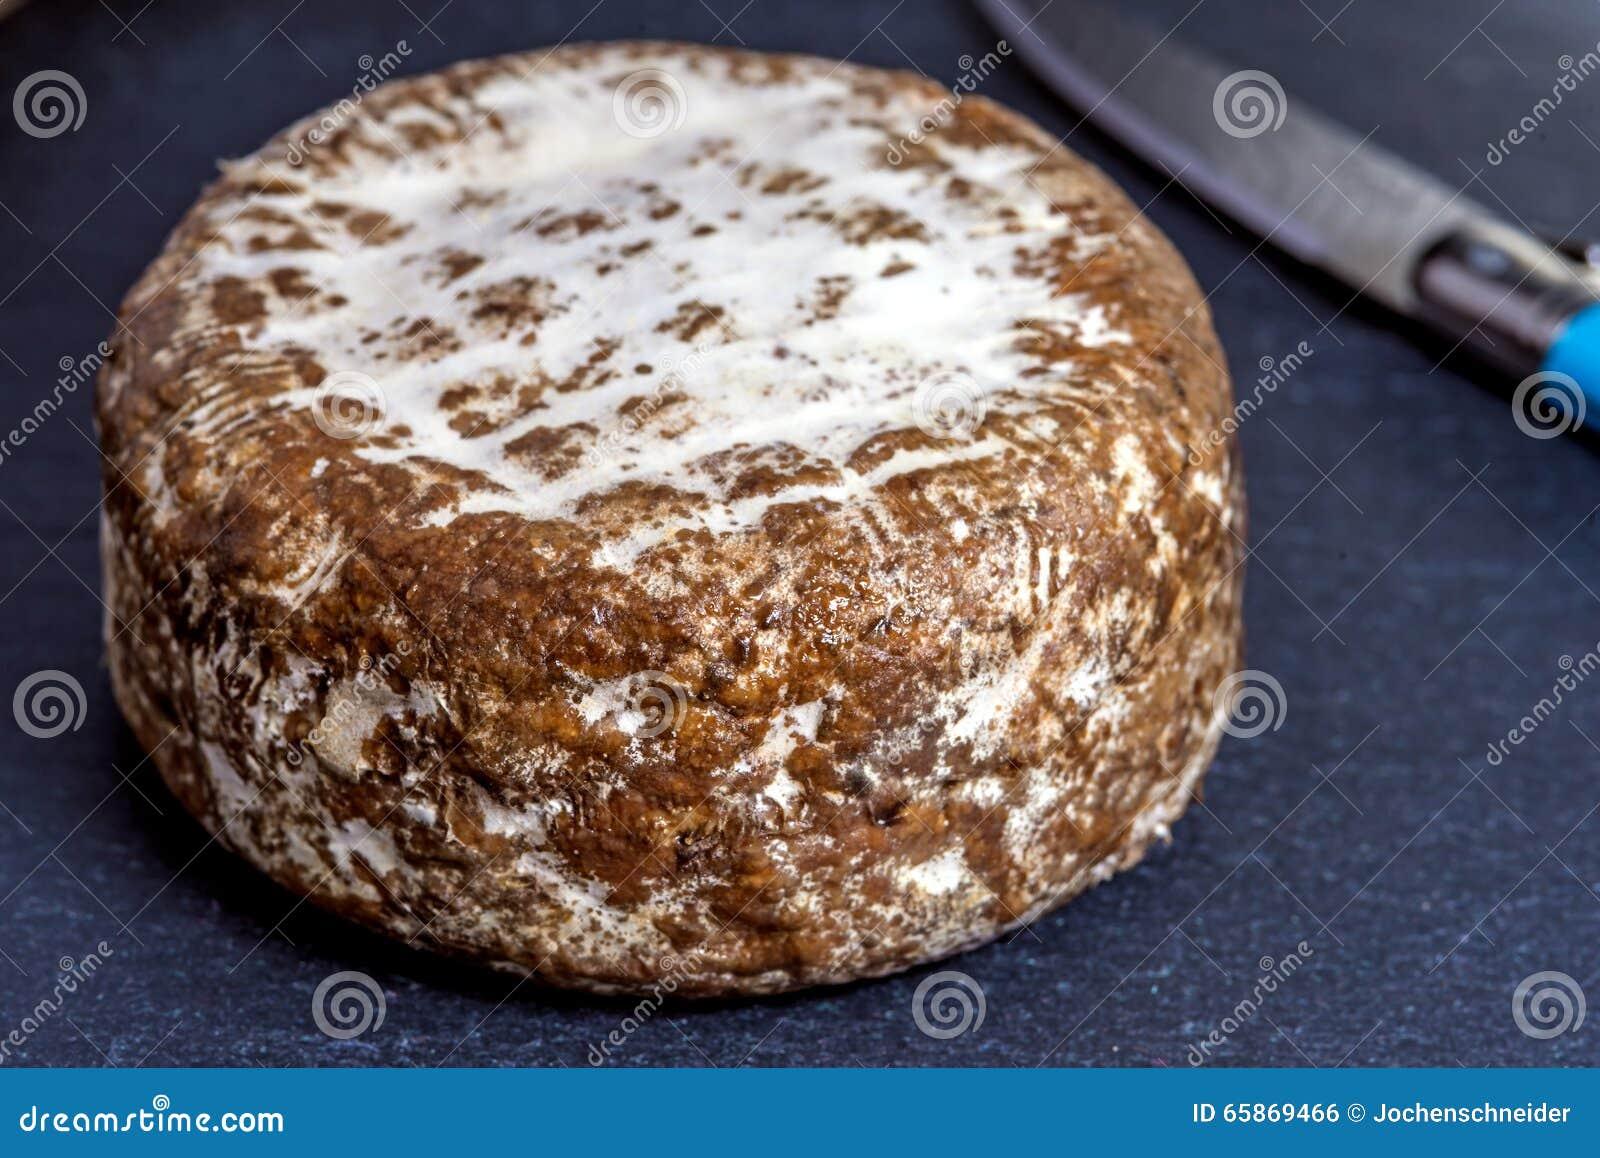 Des Alpes Tomette, сыр Франции